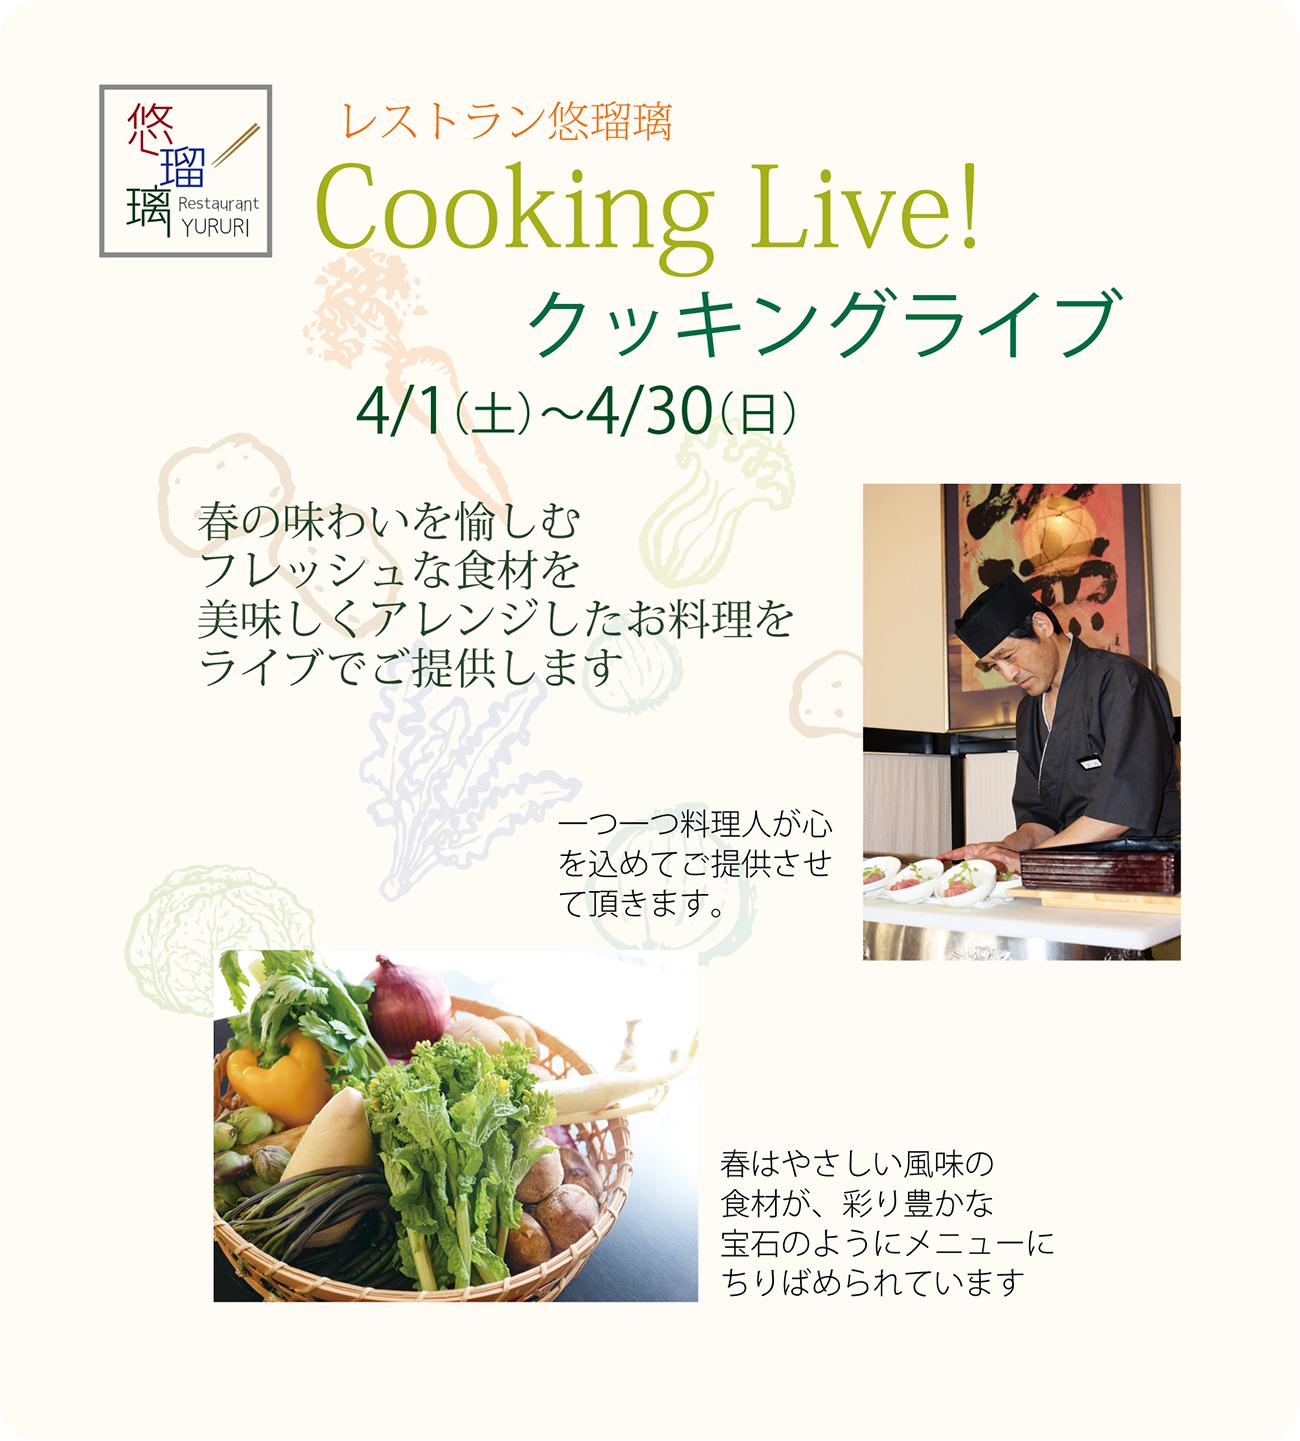 クッキングライブ 4月に開催!